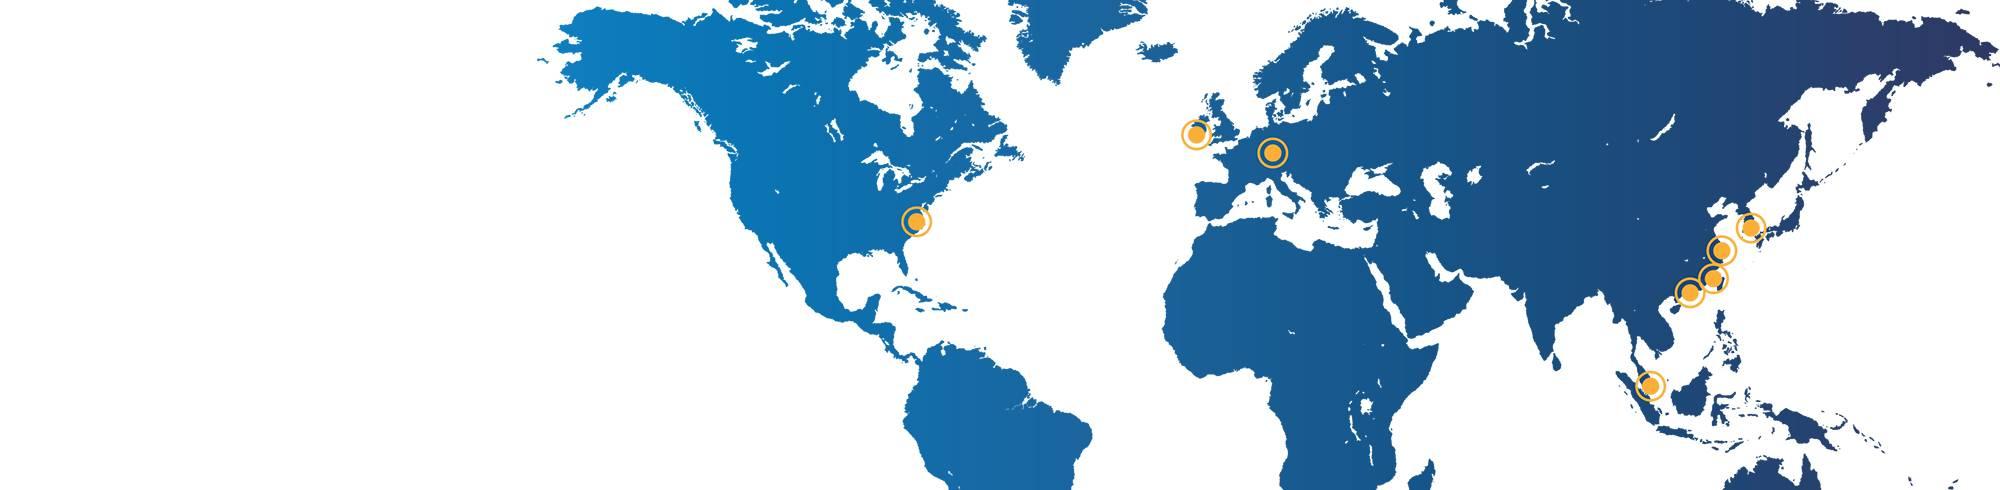 Dymax全球各地的业务点地图,包括北美、亚洲和欧洲